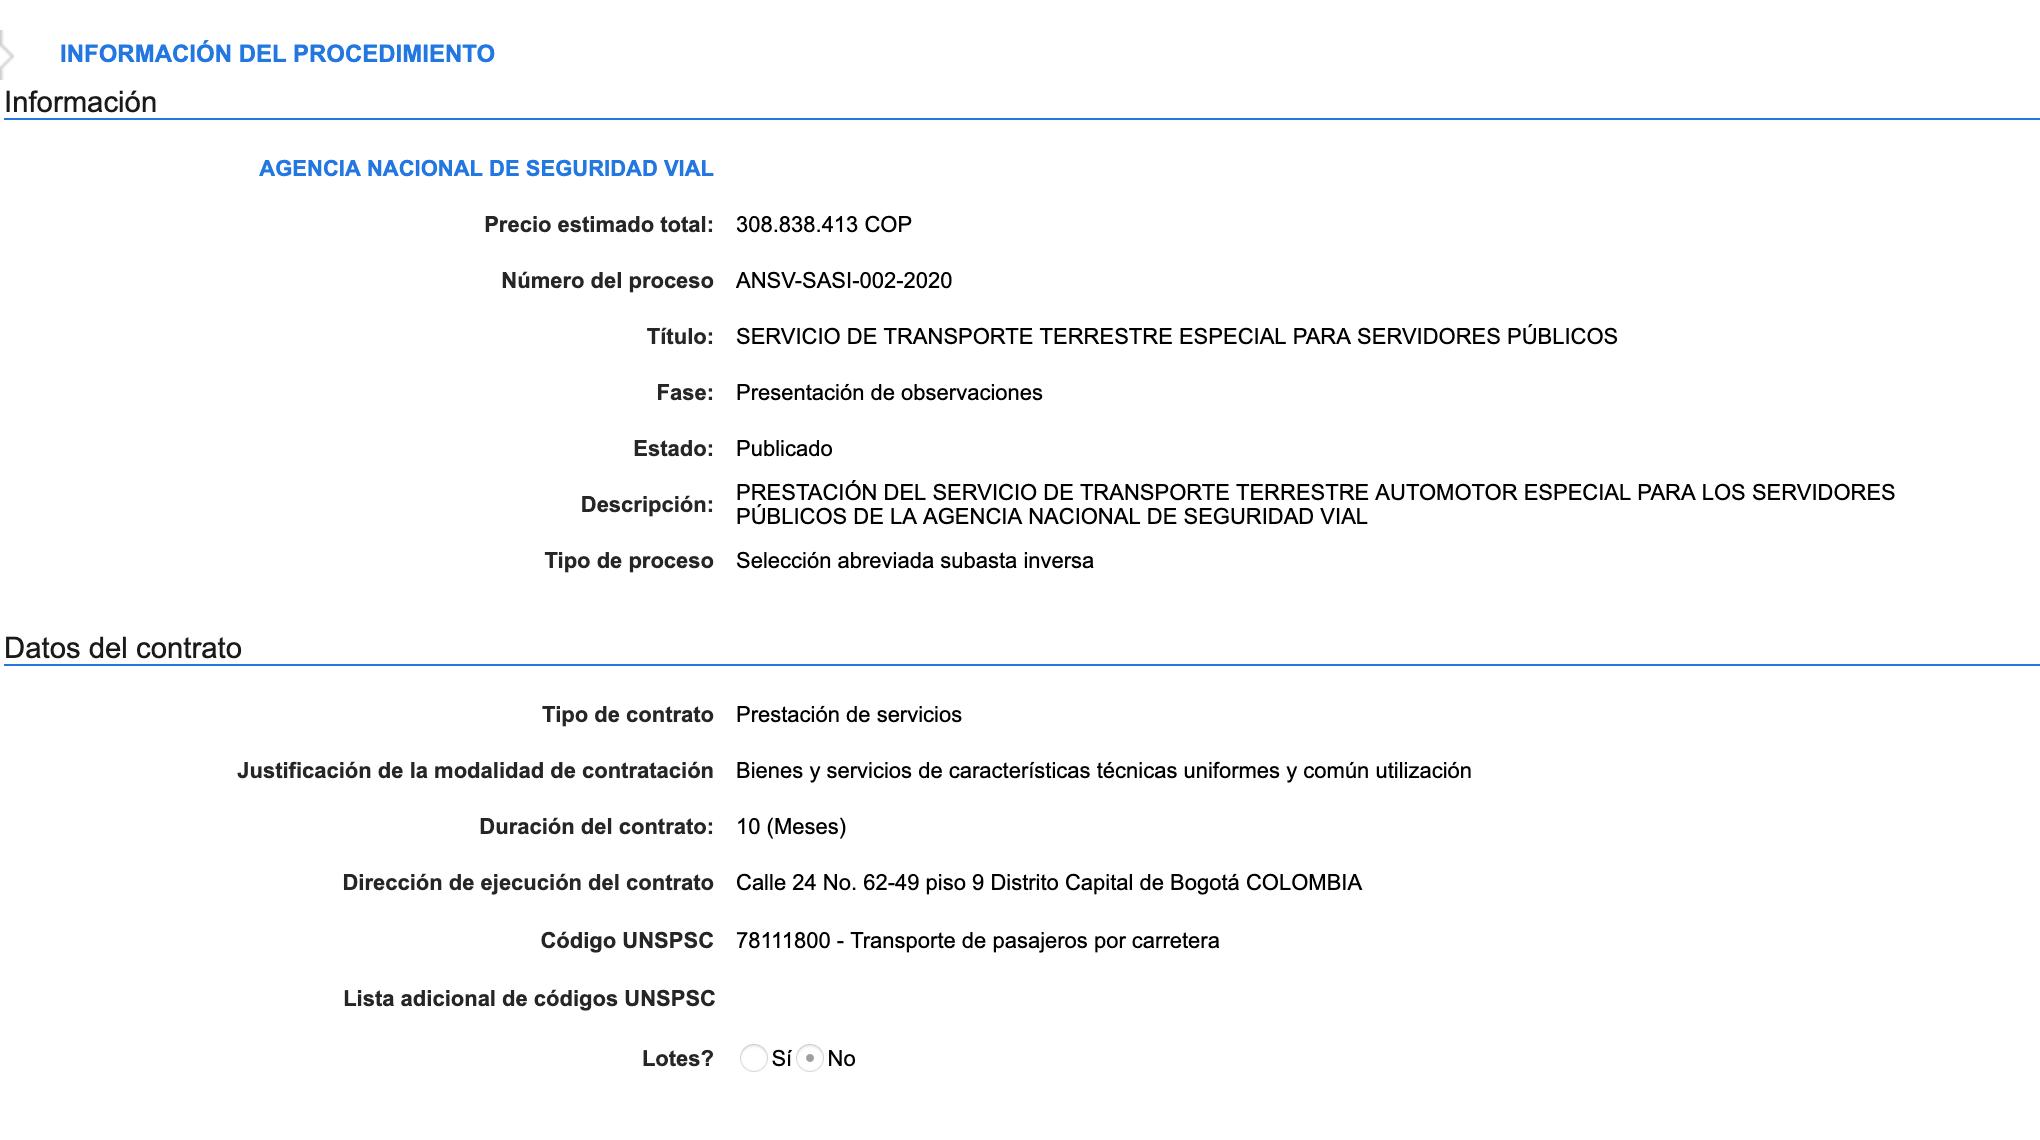 Captura de Pantalla 2020-02-13 a la(s) 7.53.27 p. m.